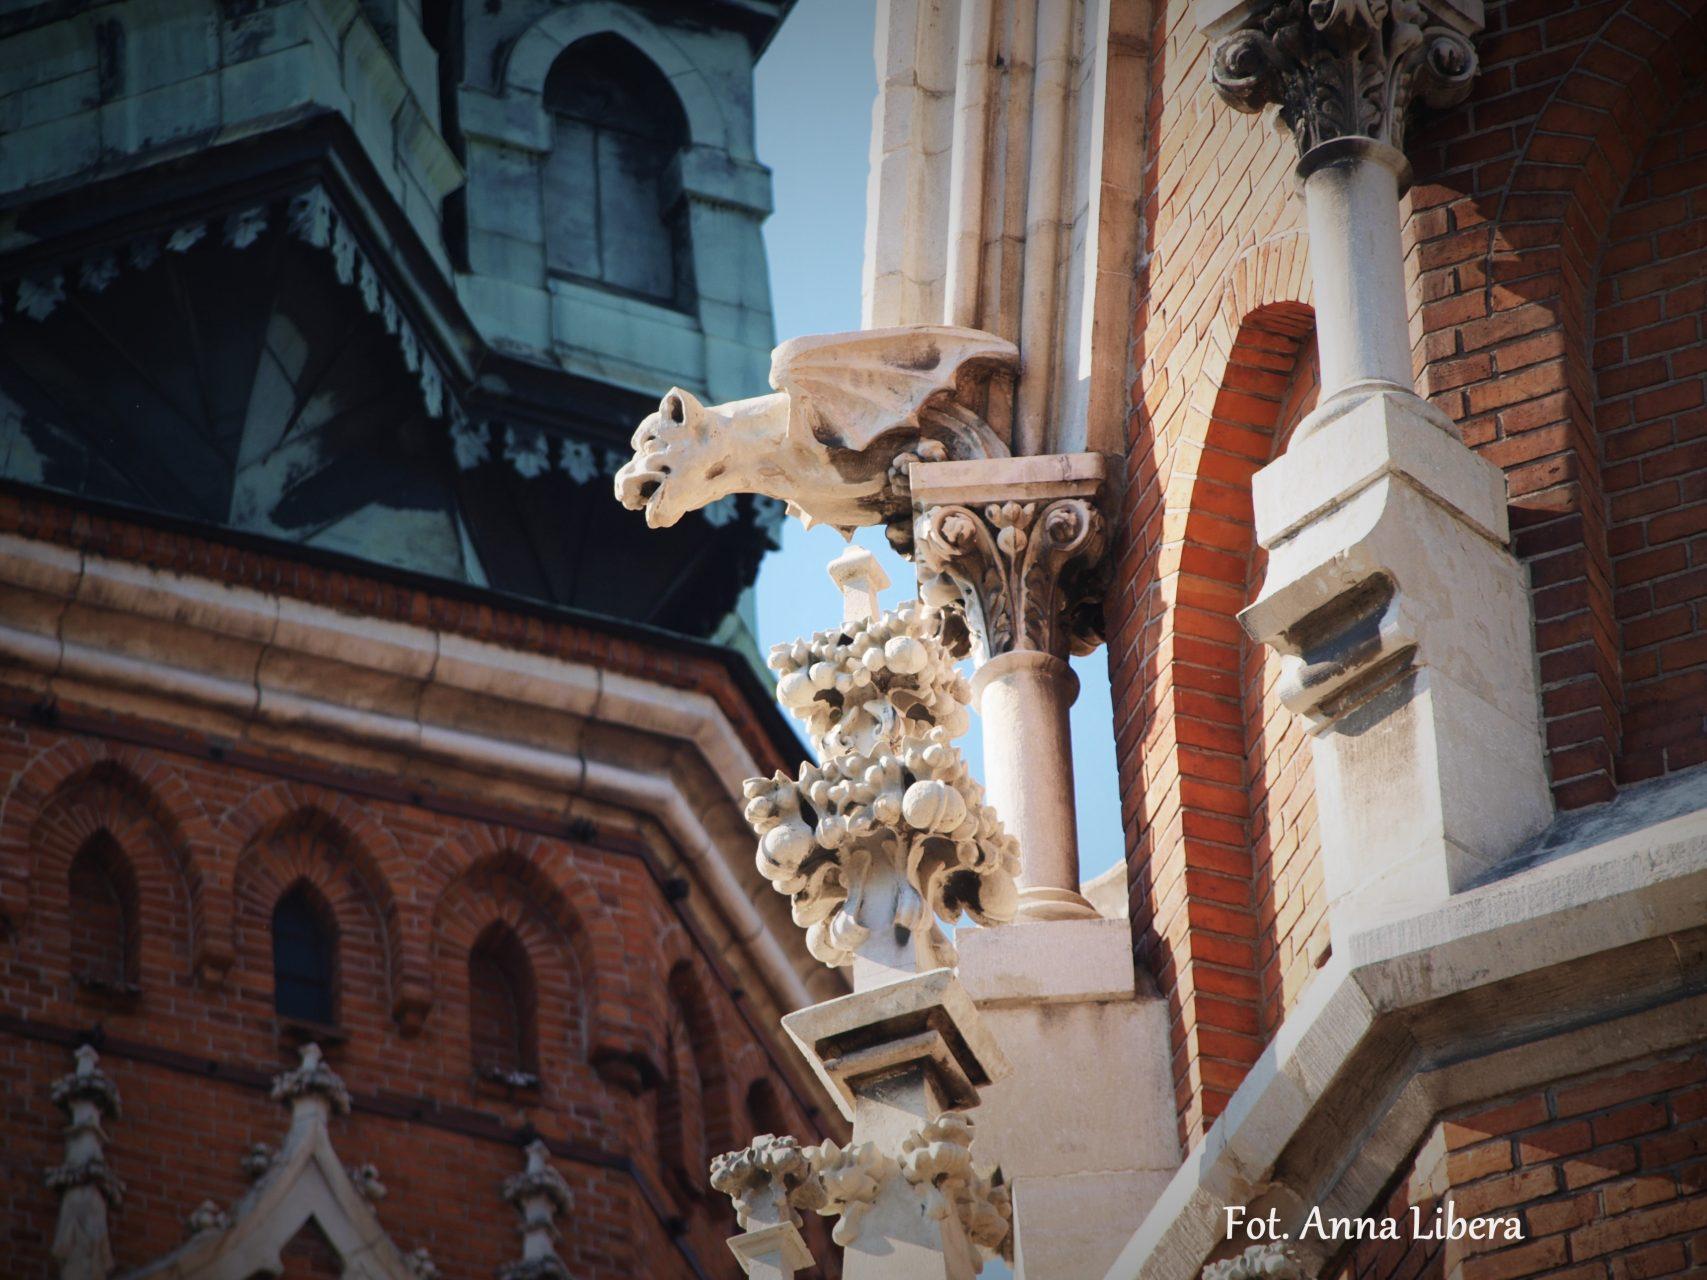 Przykład chimery z głową psią w narożu wieży kościoła św. Józefa przy Rynku Podgórskim.